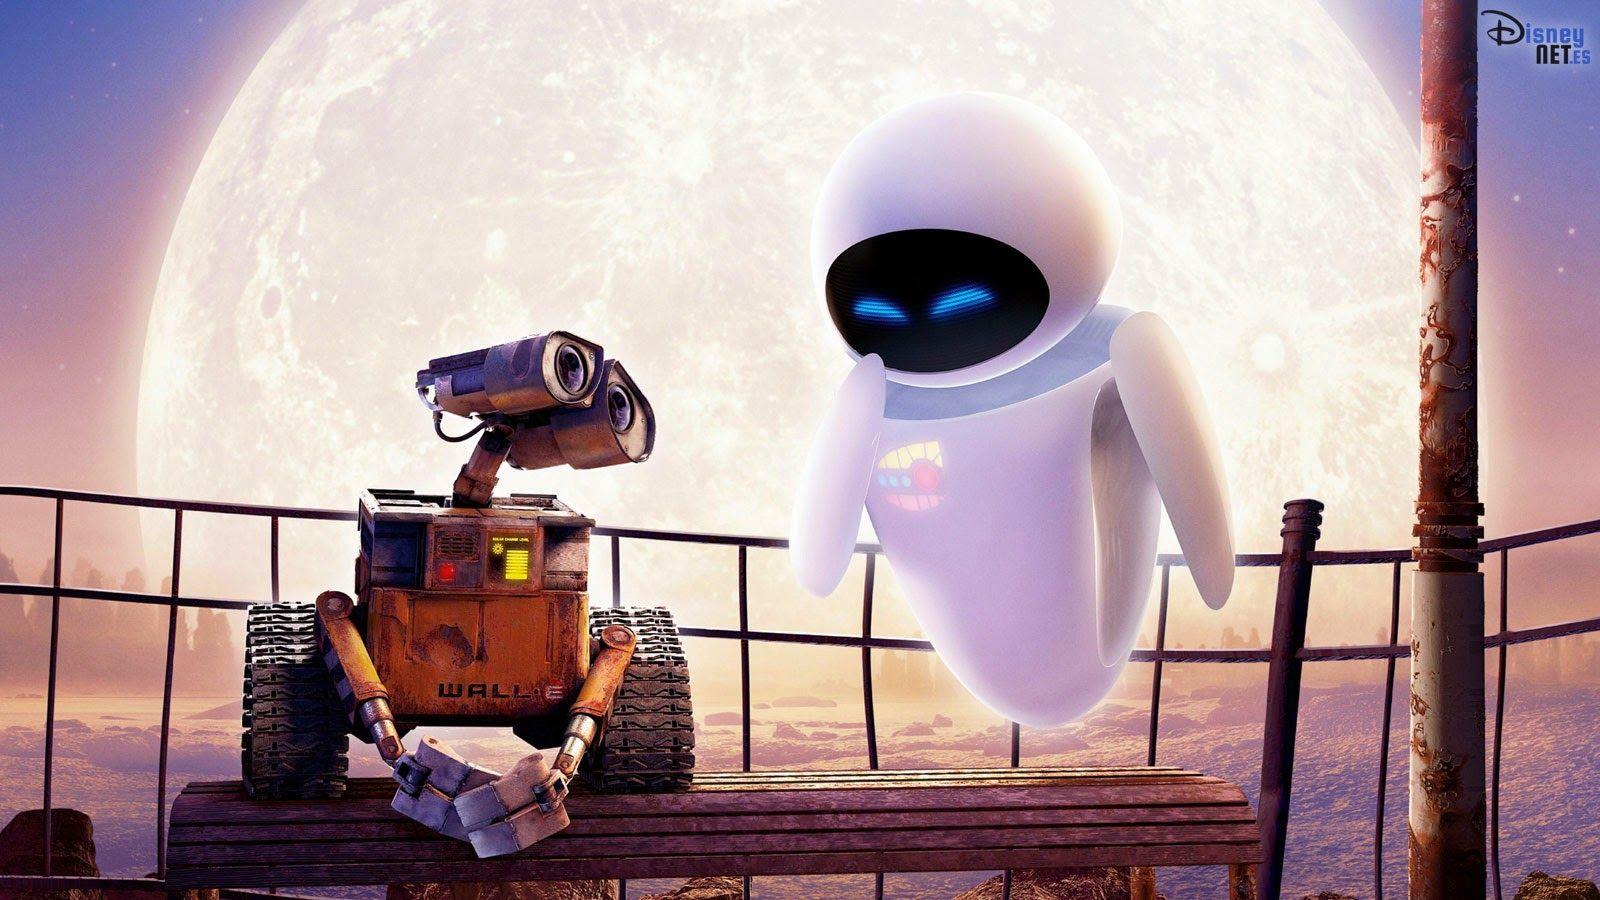 Fondos De Wall E Y Eva Walle Disney Pixar Wallpapers